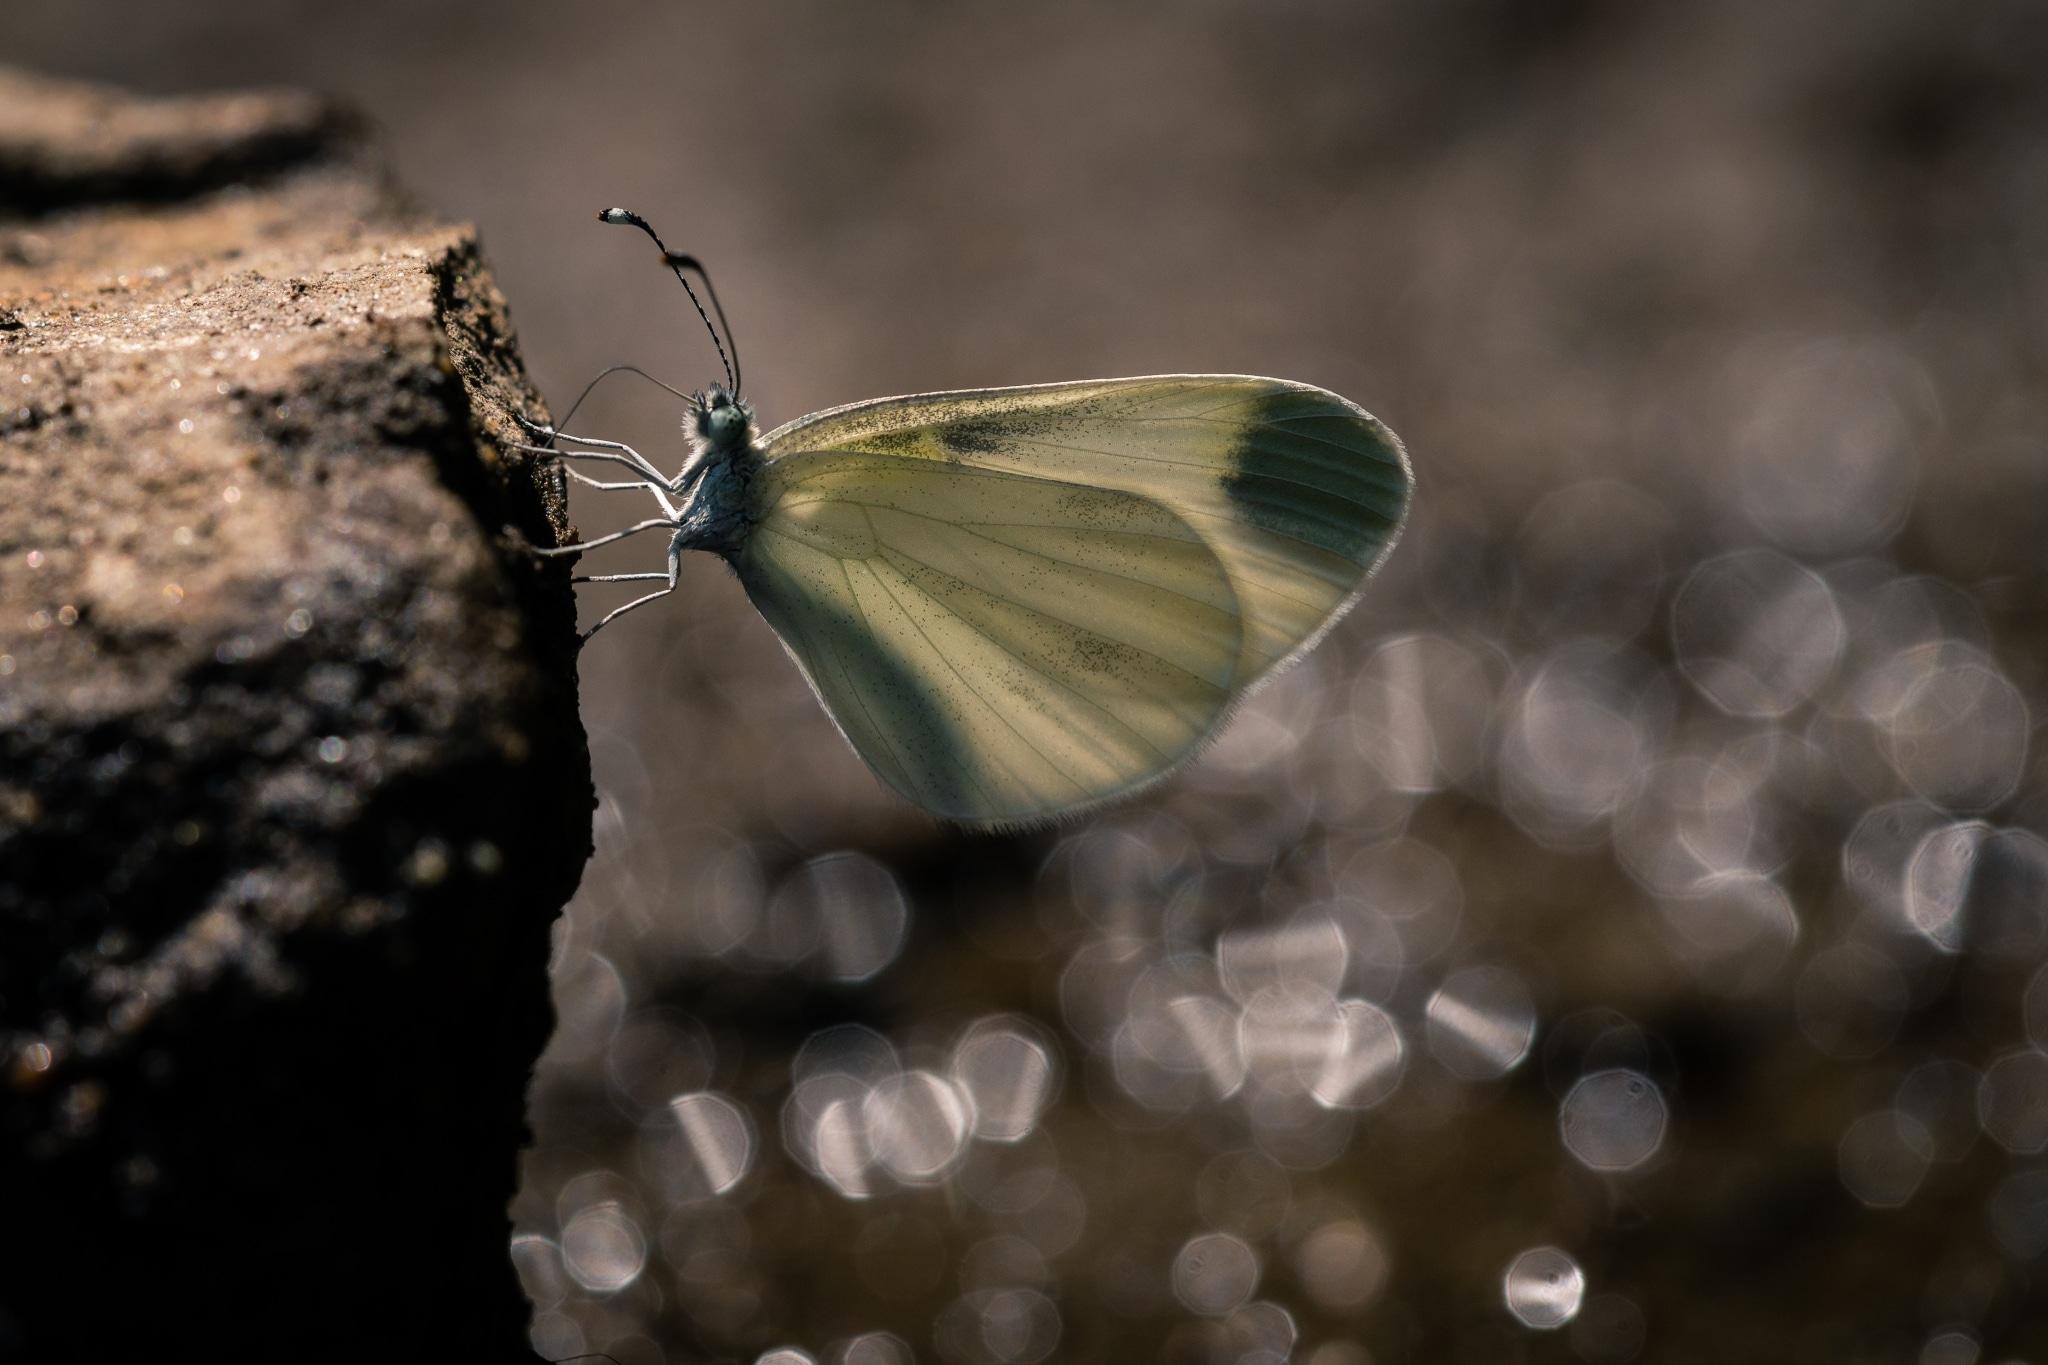 Ein Schmetterling welcher auf einem Stein sitzt